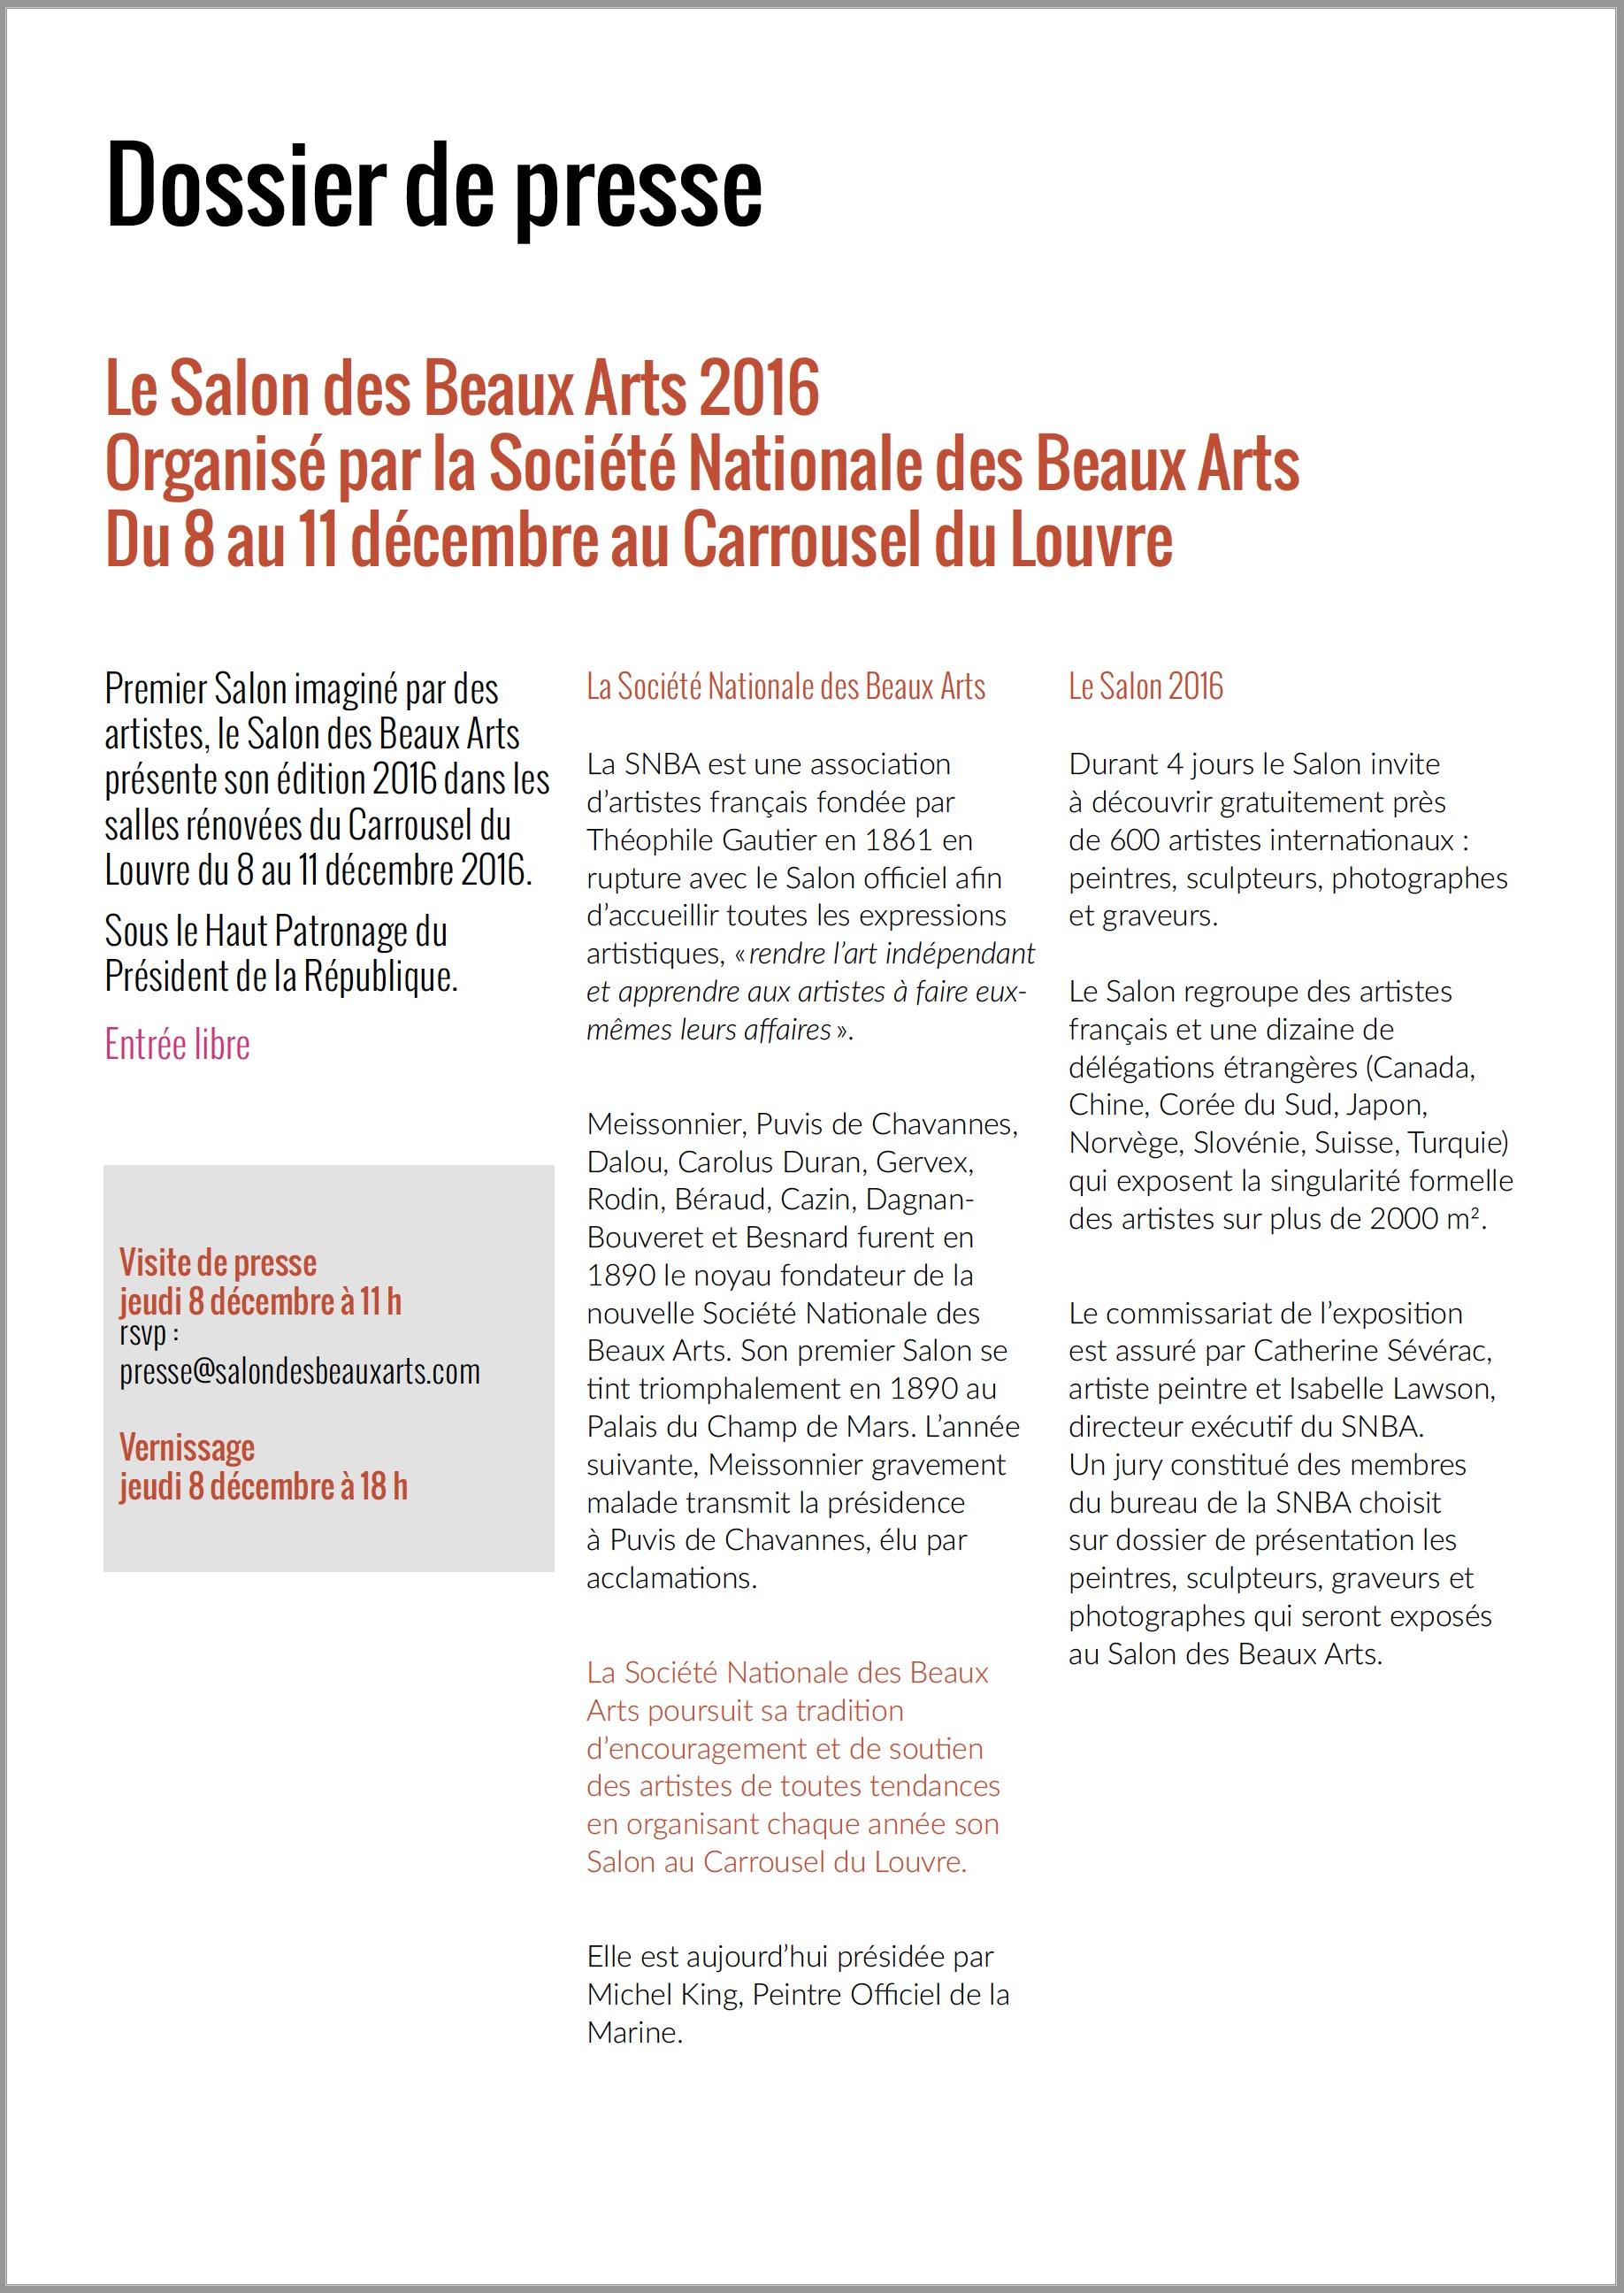 Le Dossier de Presse du Salon de laSociété Nationale des Beaux Arts 2016